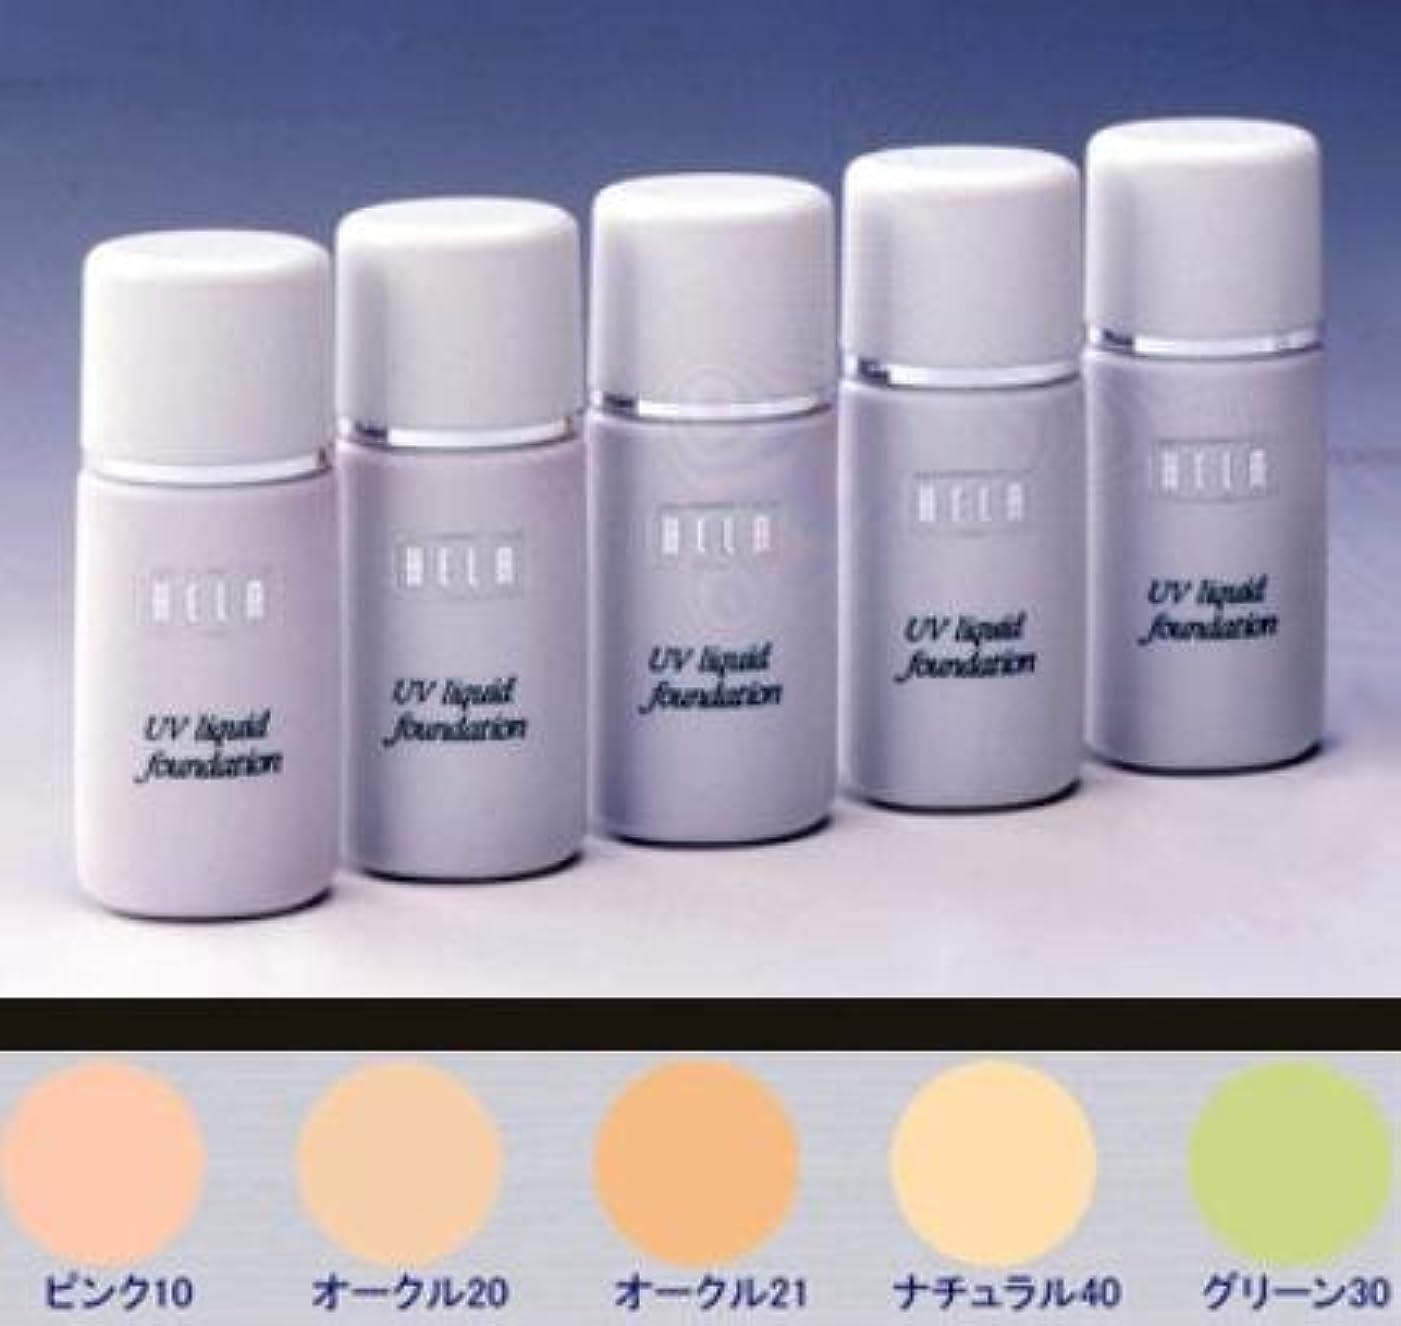 四相続人減衰UVリクイッドファンデーション 30ml グリーン30 紫外線バリア 大高酵素